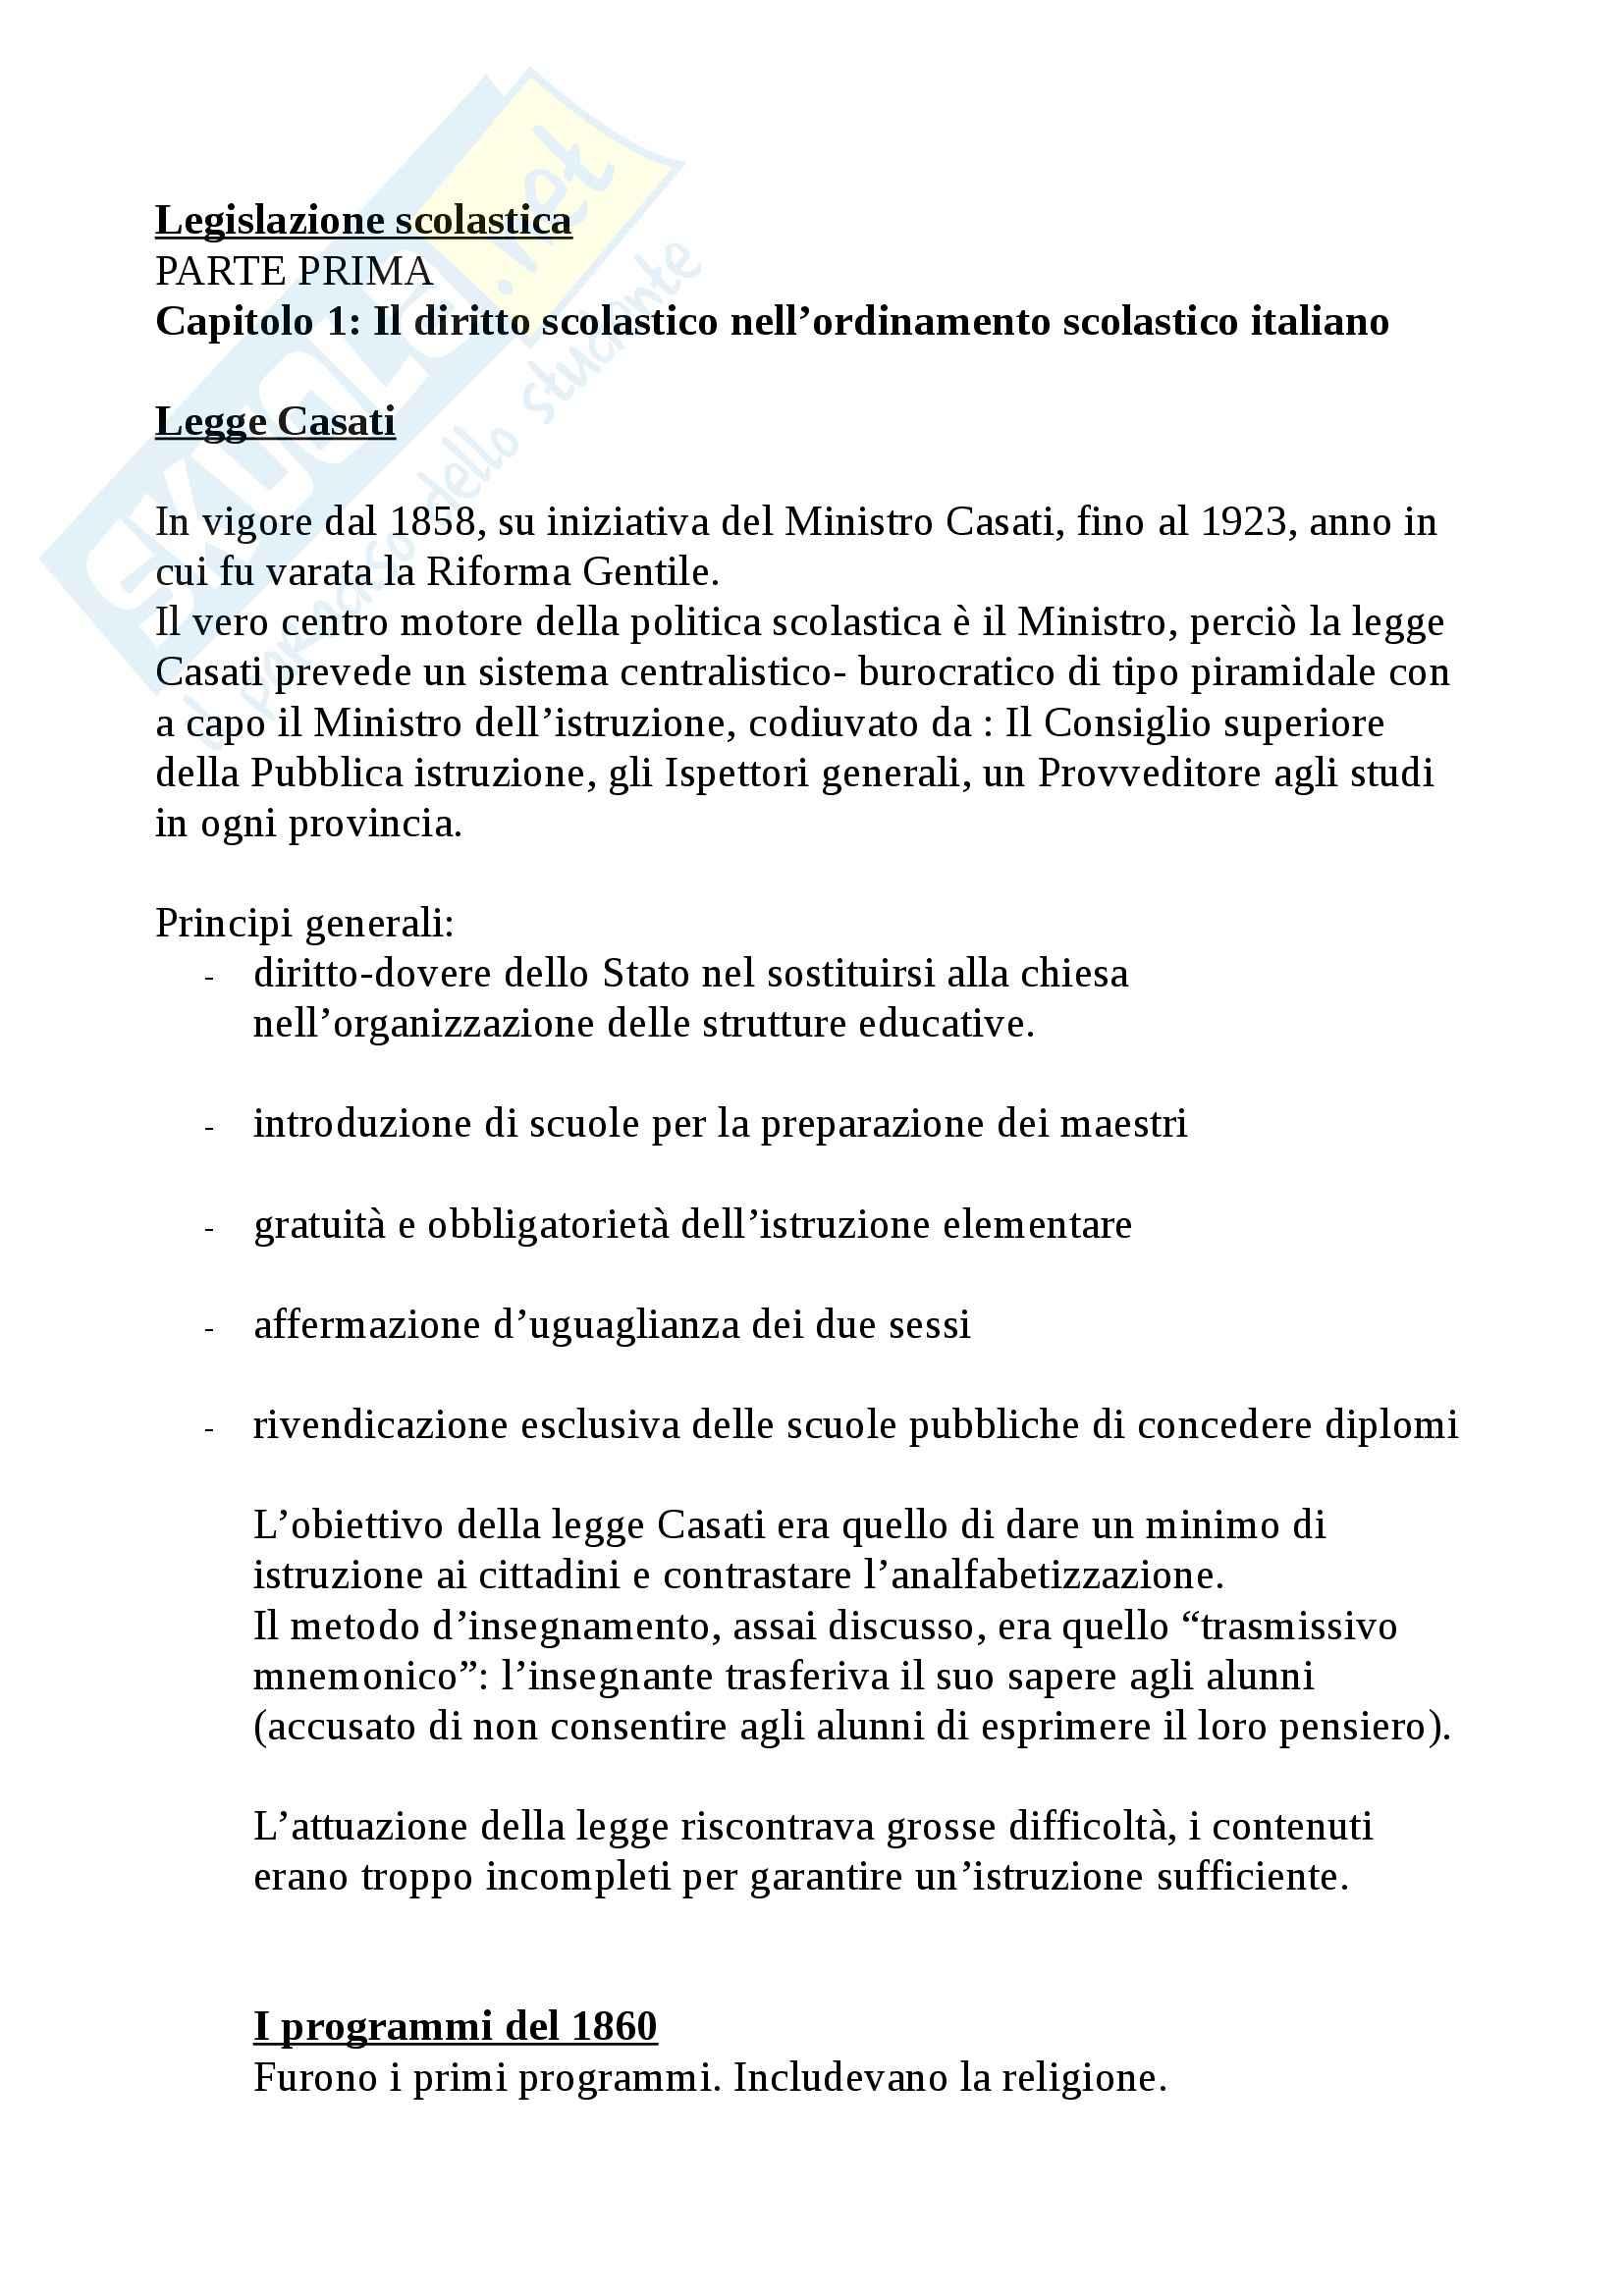 Riassunto esame Legislazione scolastica, prof. Calascibetta, libro consigliato Compendio di legislazione scolastica, Francavilla